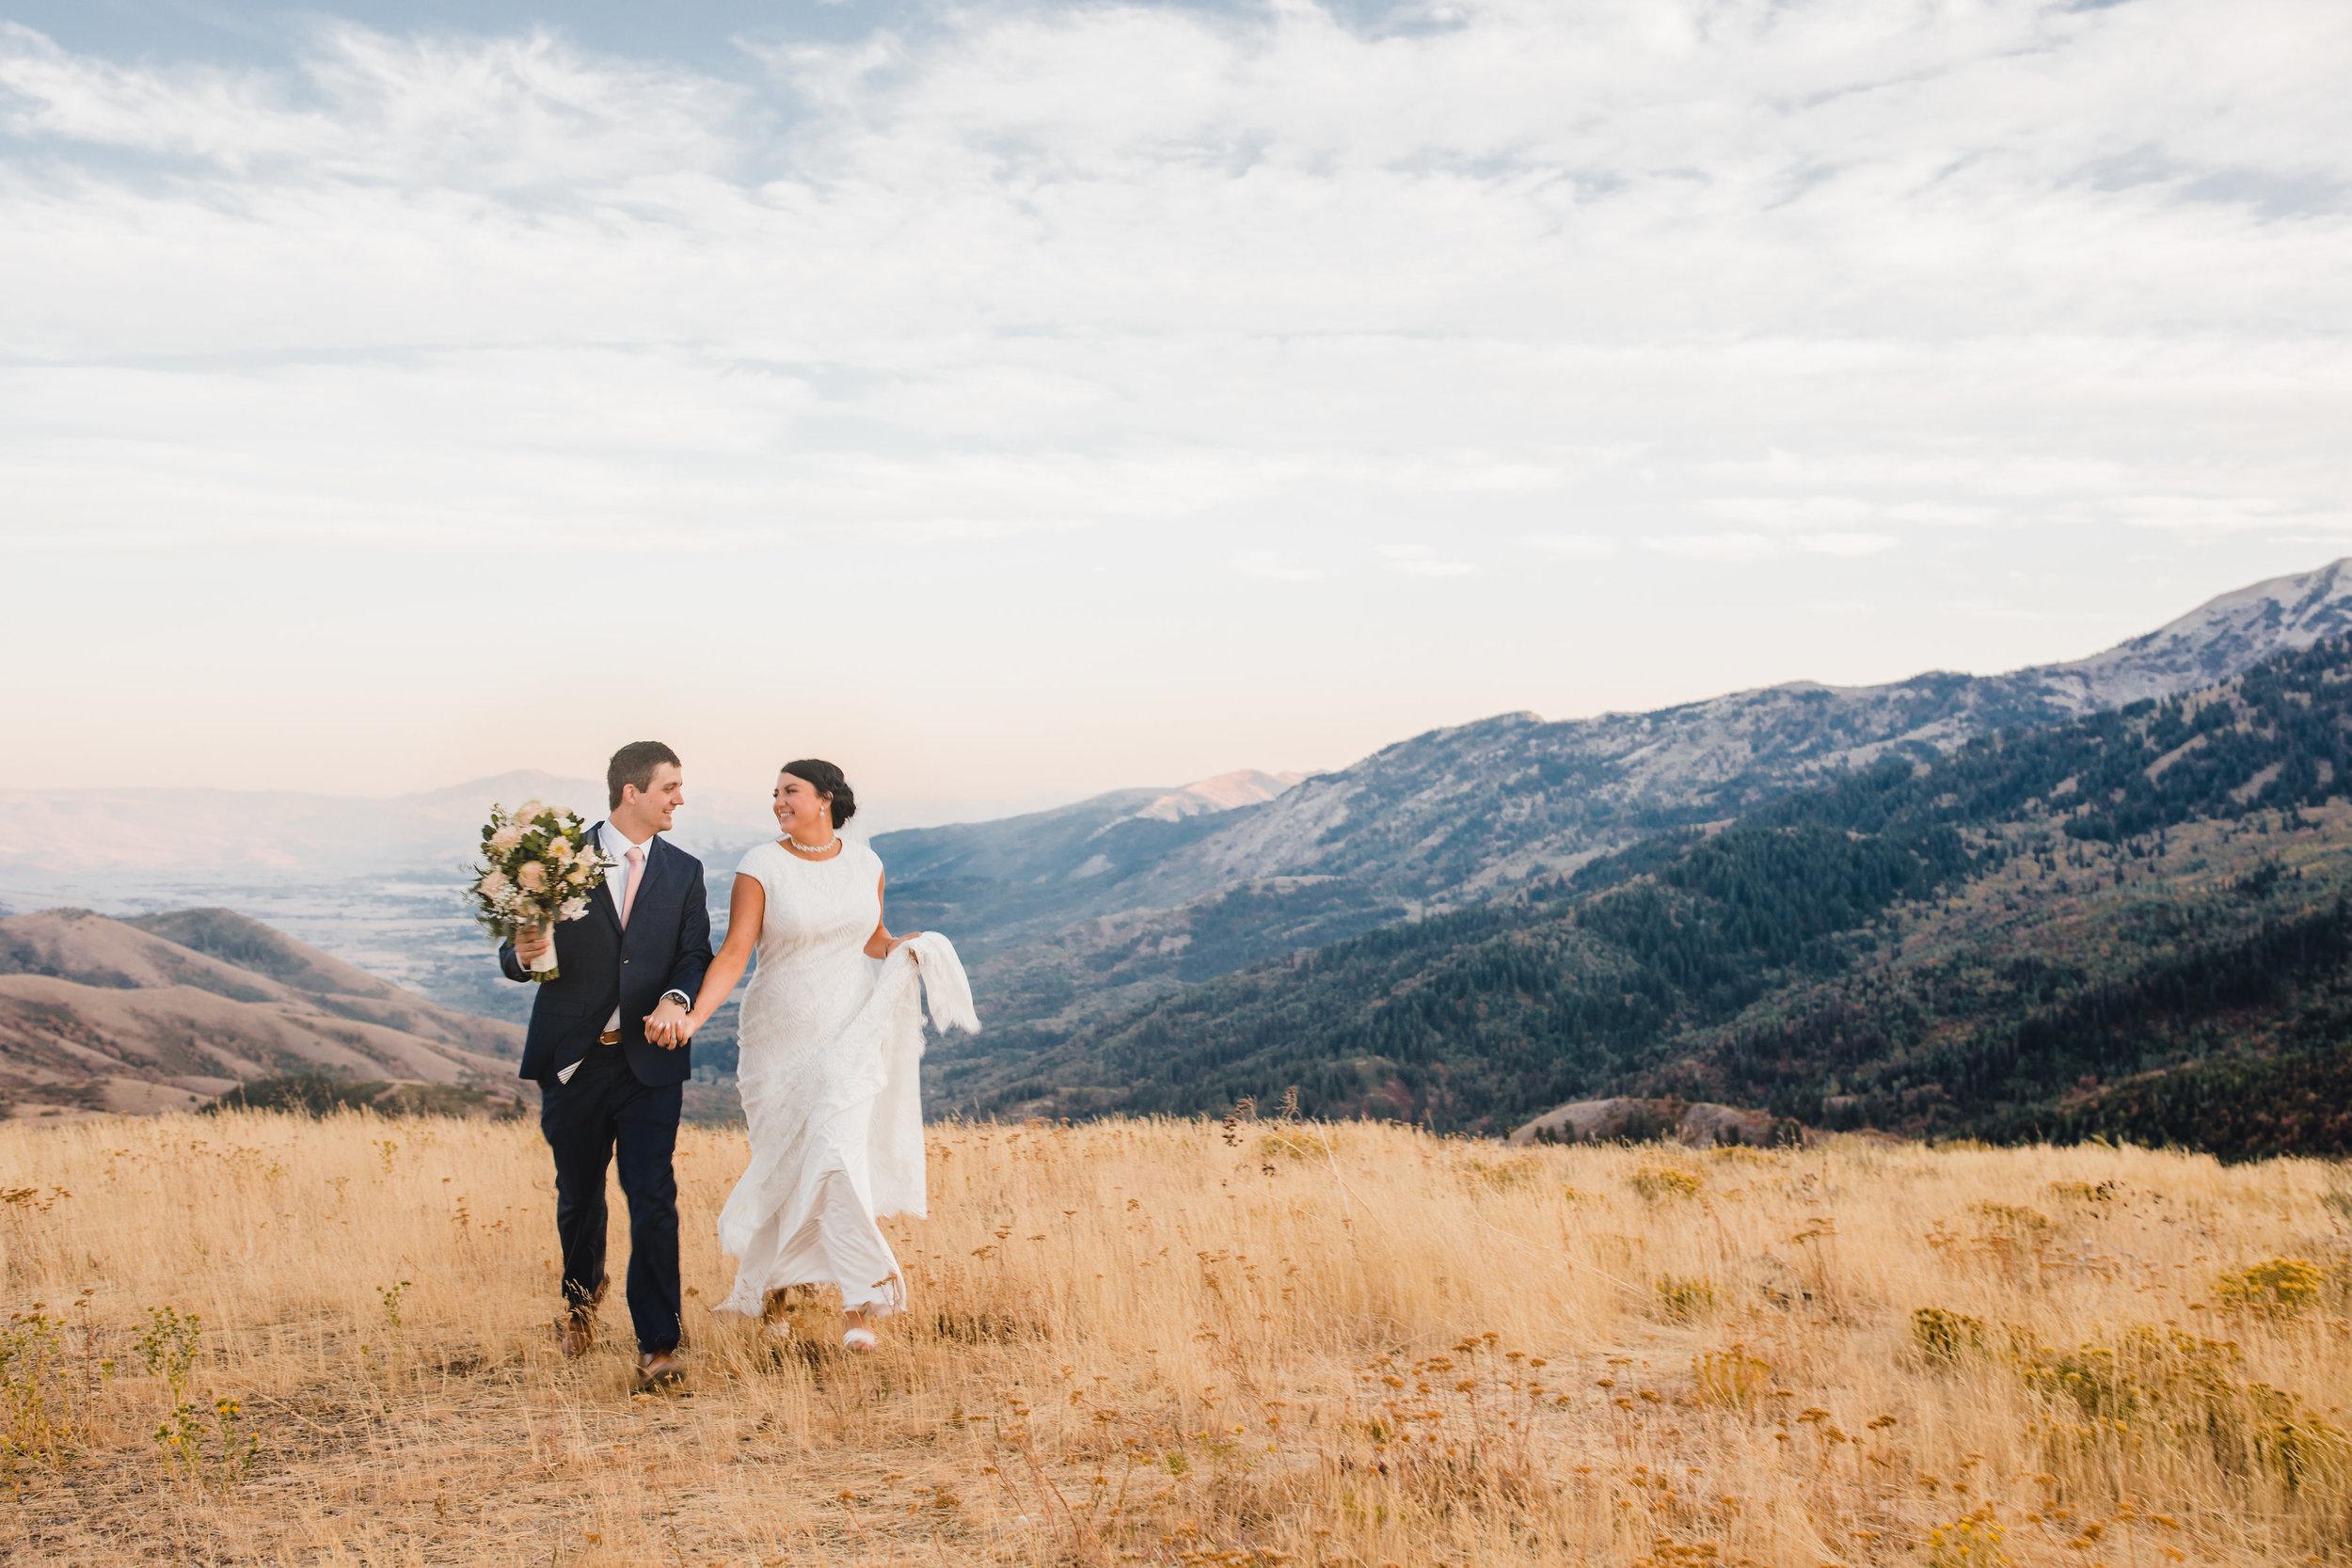 best formal photographer logan utah mountain backdrop holding hands laughing walking